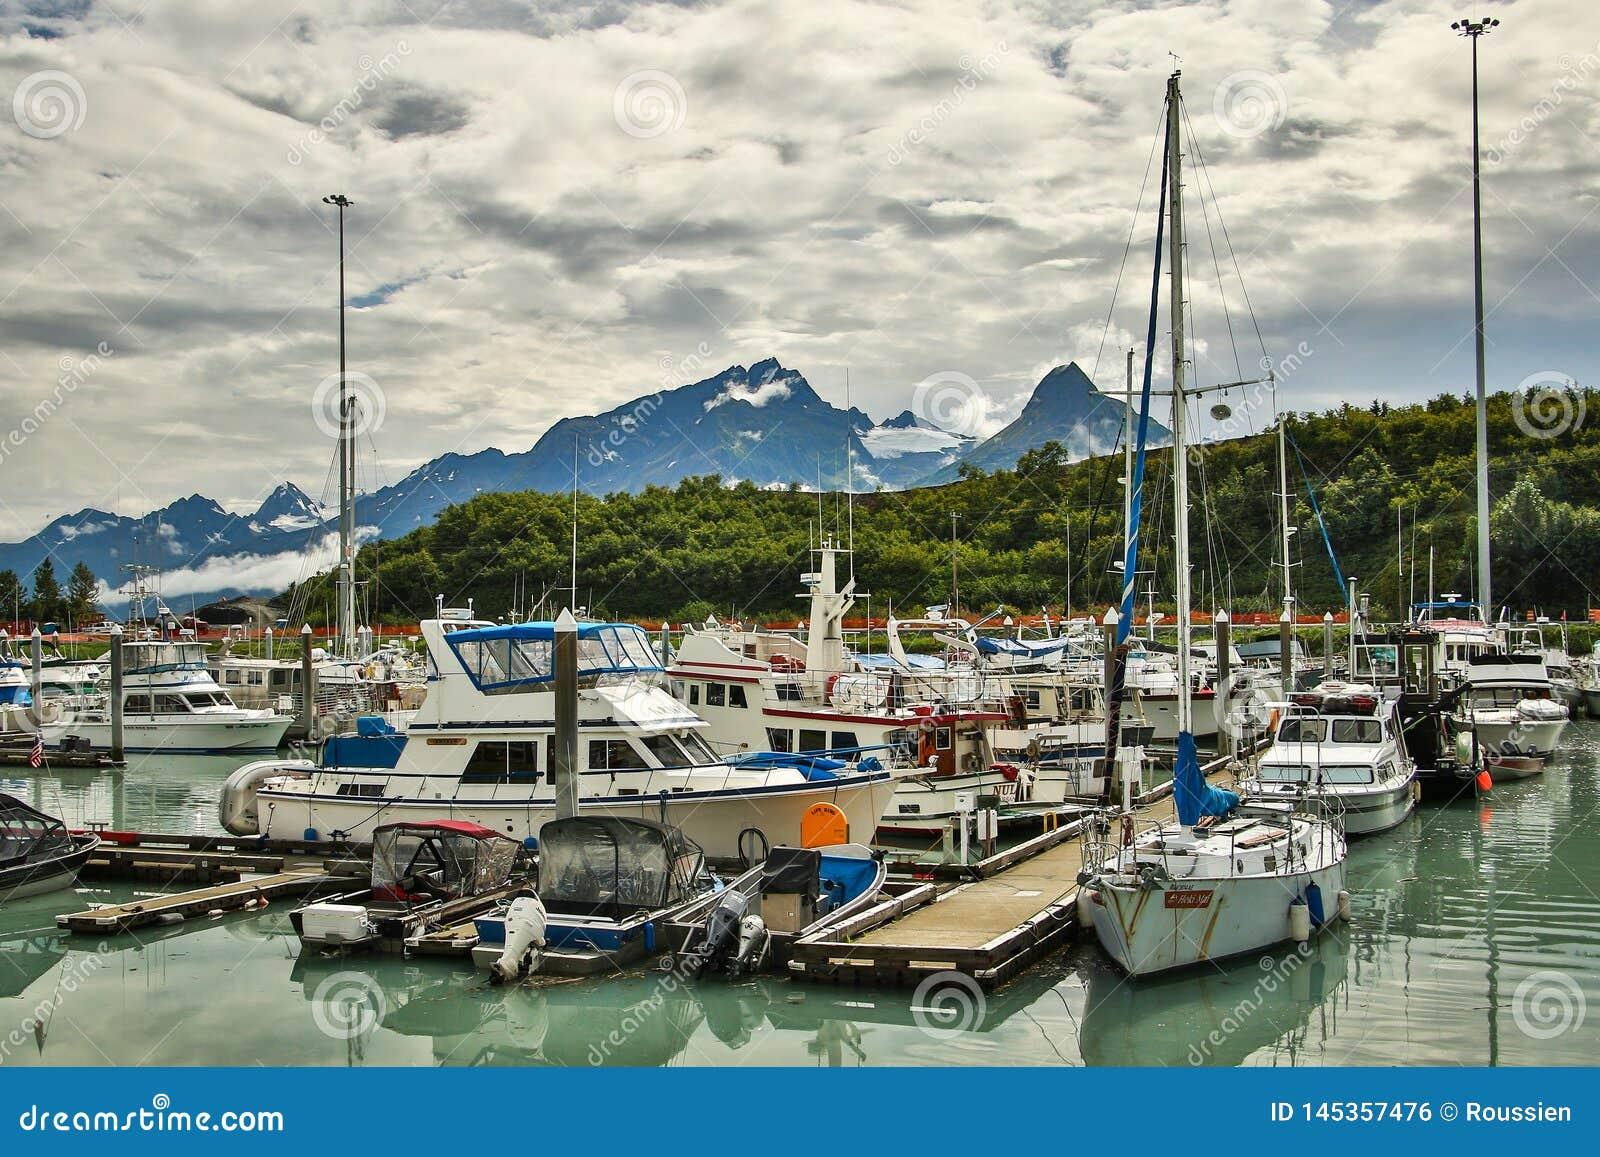 Porto na cidade de Valdez com as montanhas do Alasca no fundo